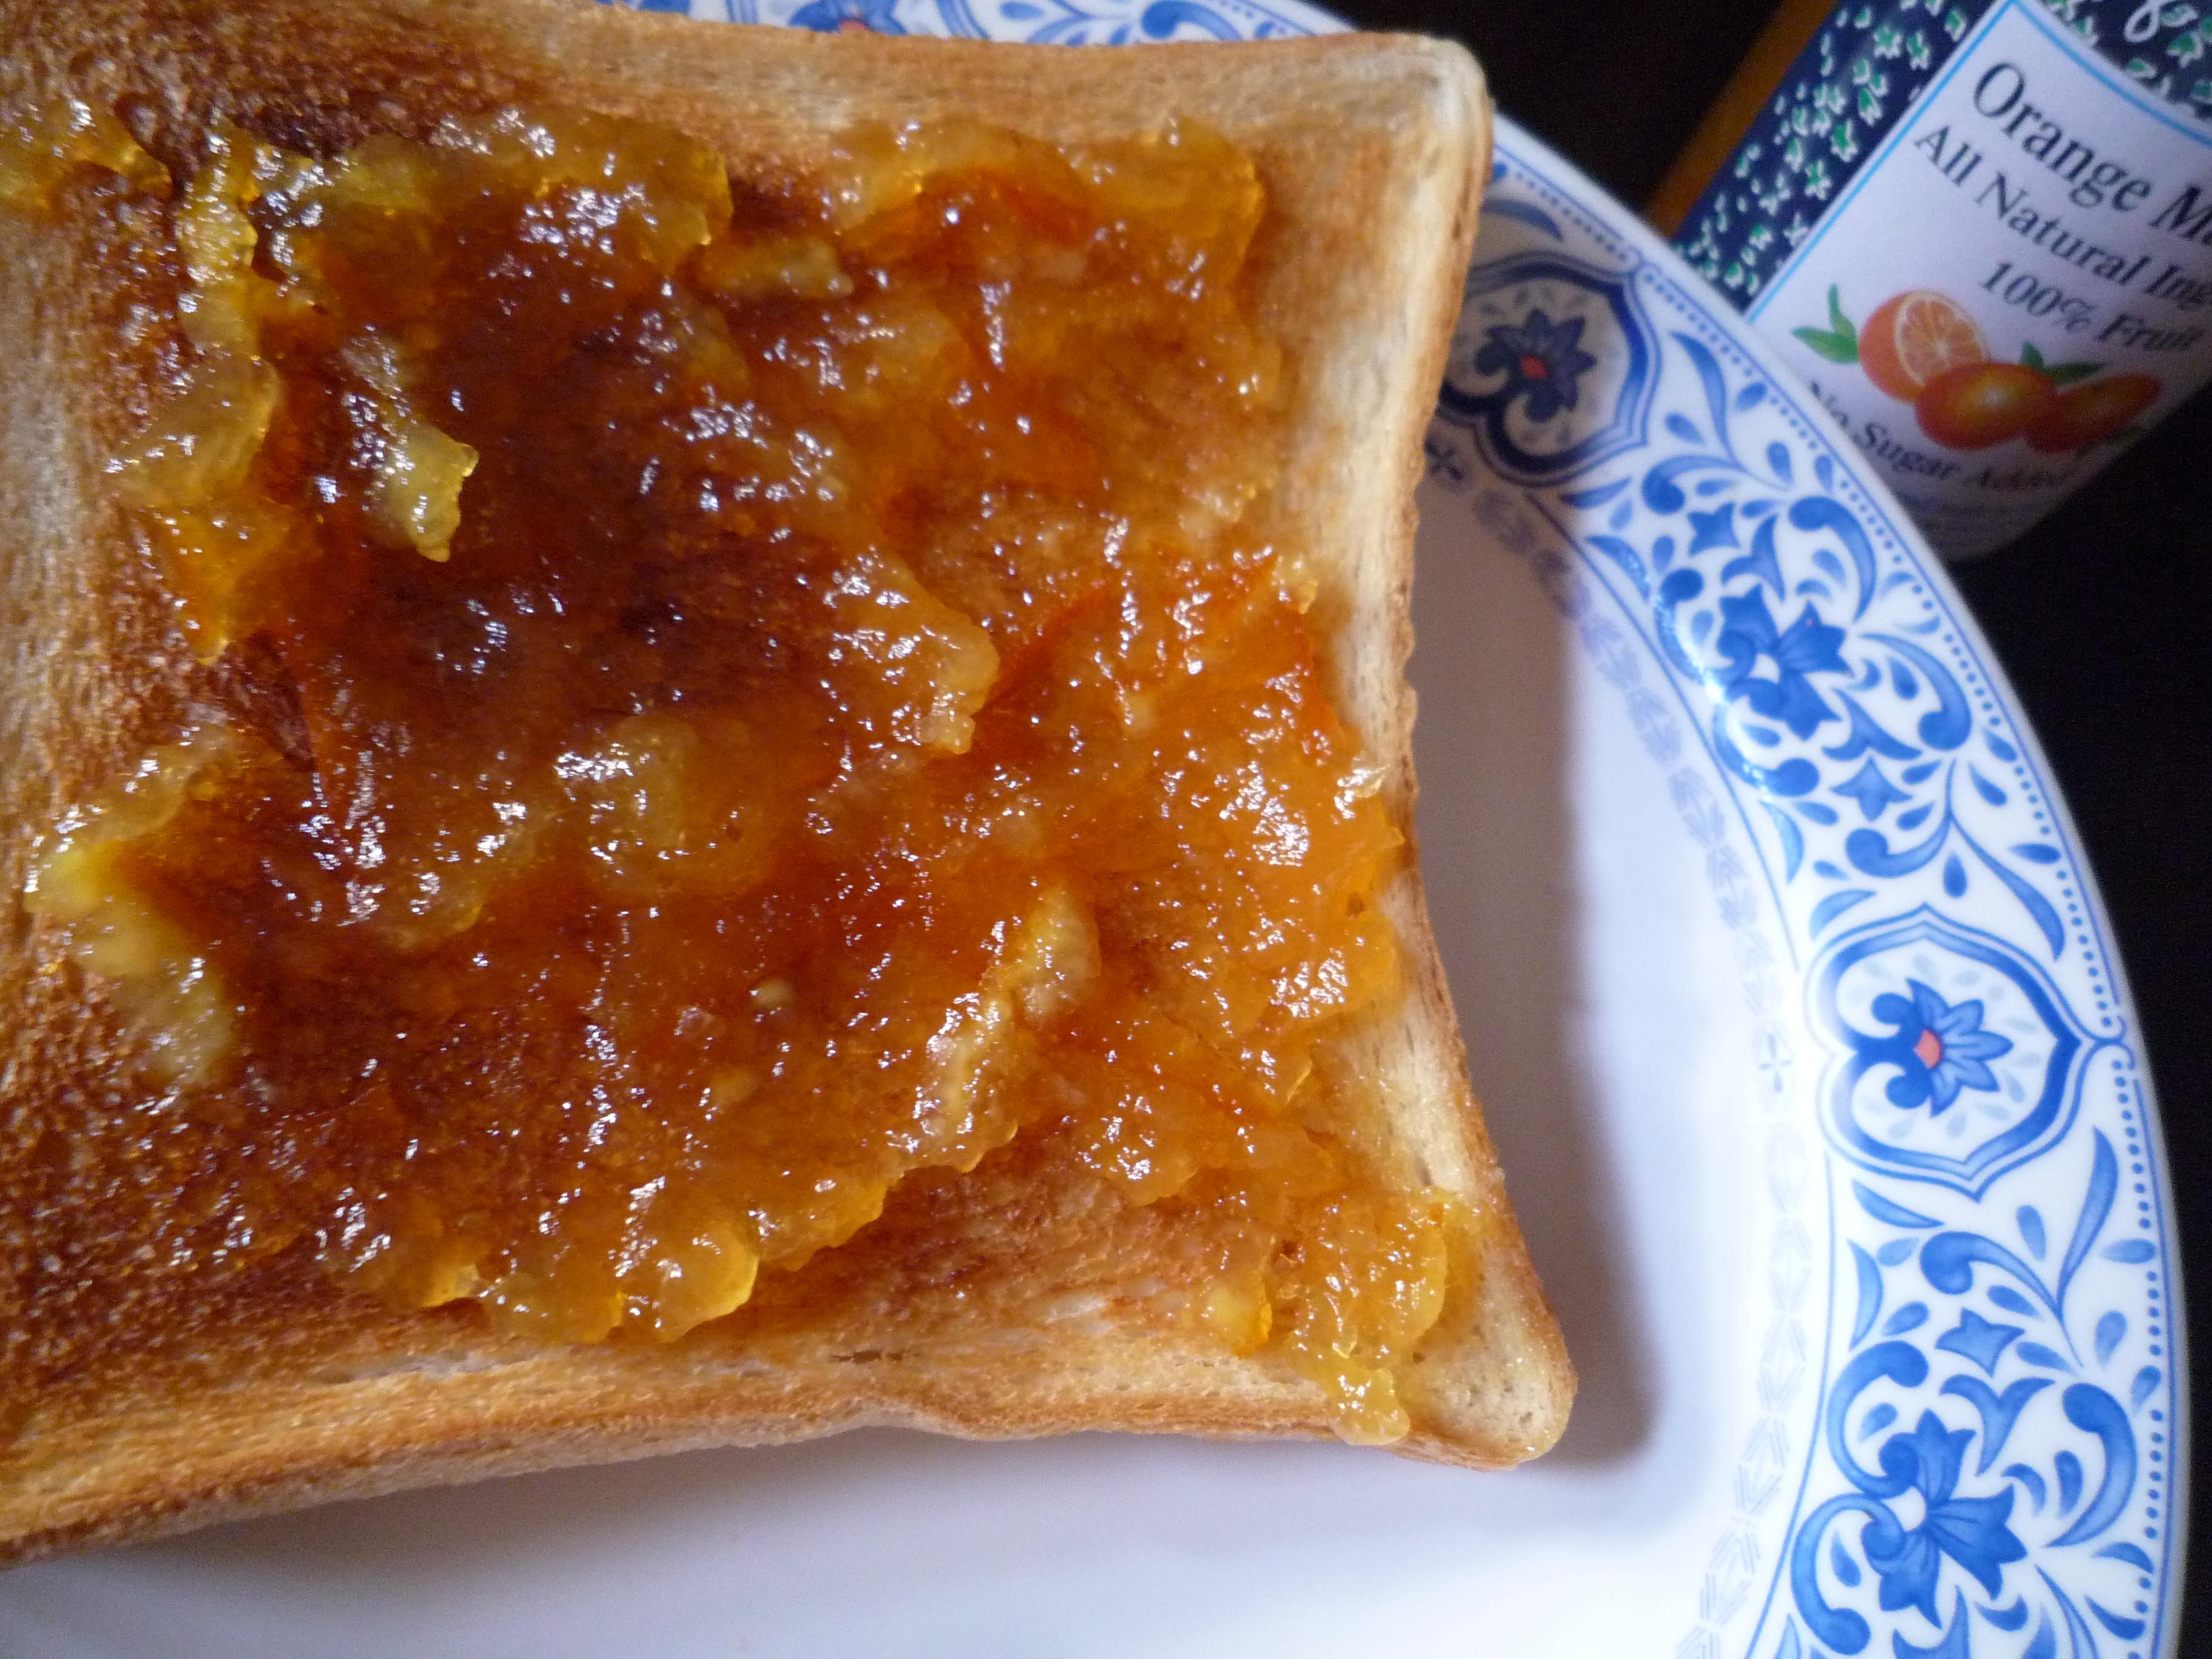 サン・ダルフォー オレンジマーマレード パン